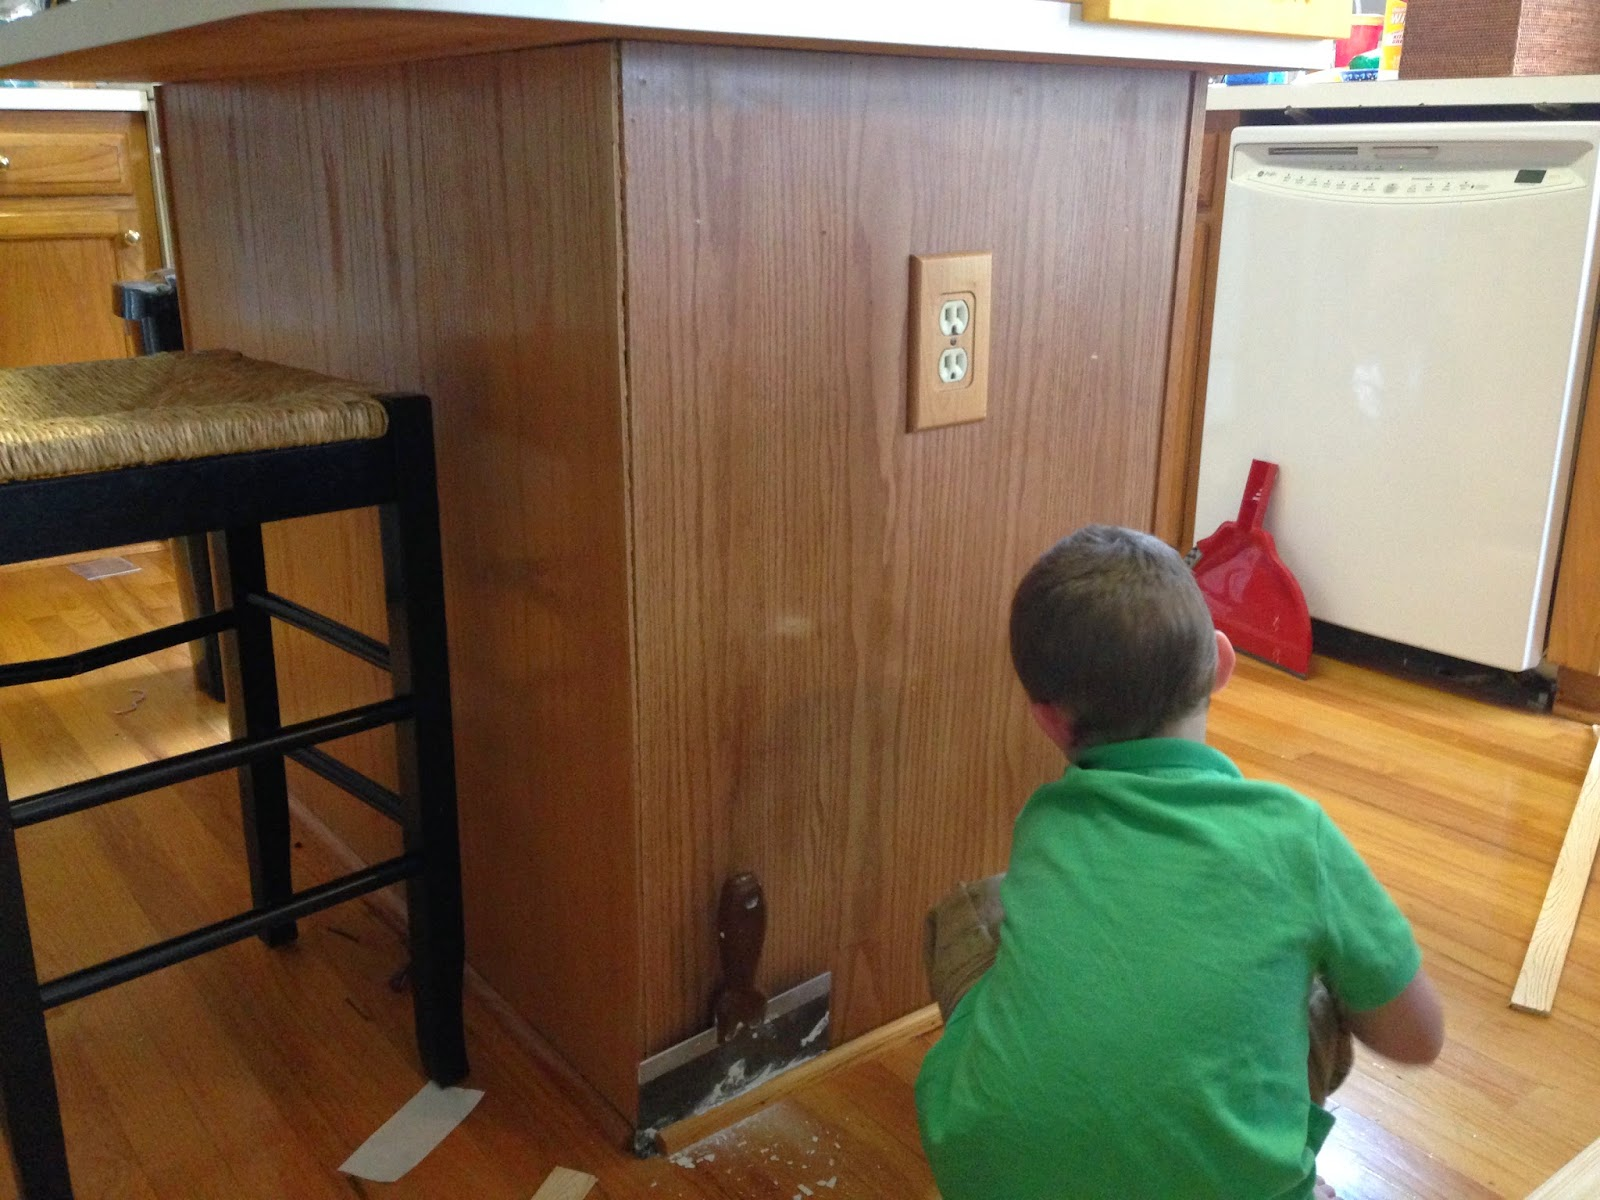 Quarter Round Kitchen Cabinets Budget Kitchen Renovation Upgrade Builder Grade Island With